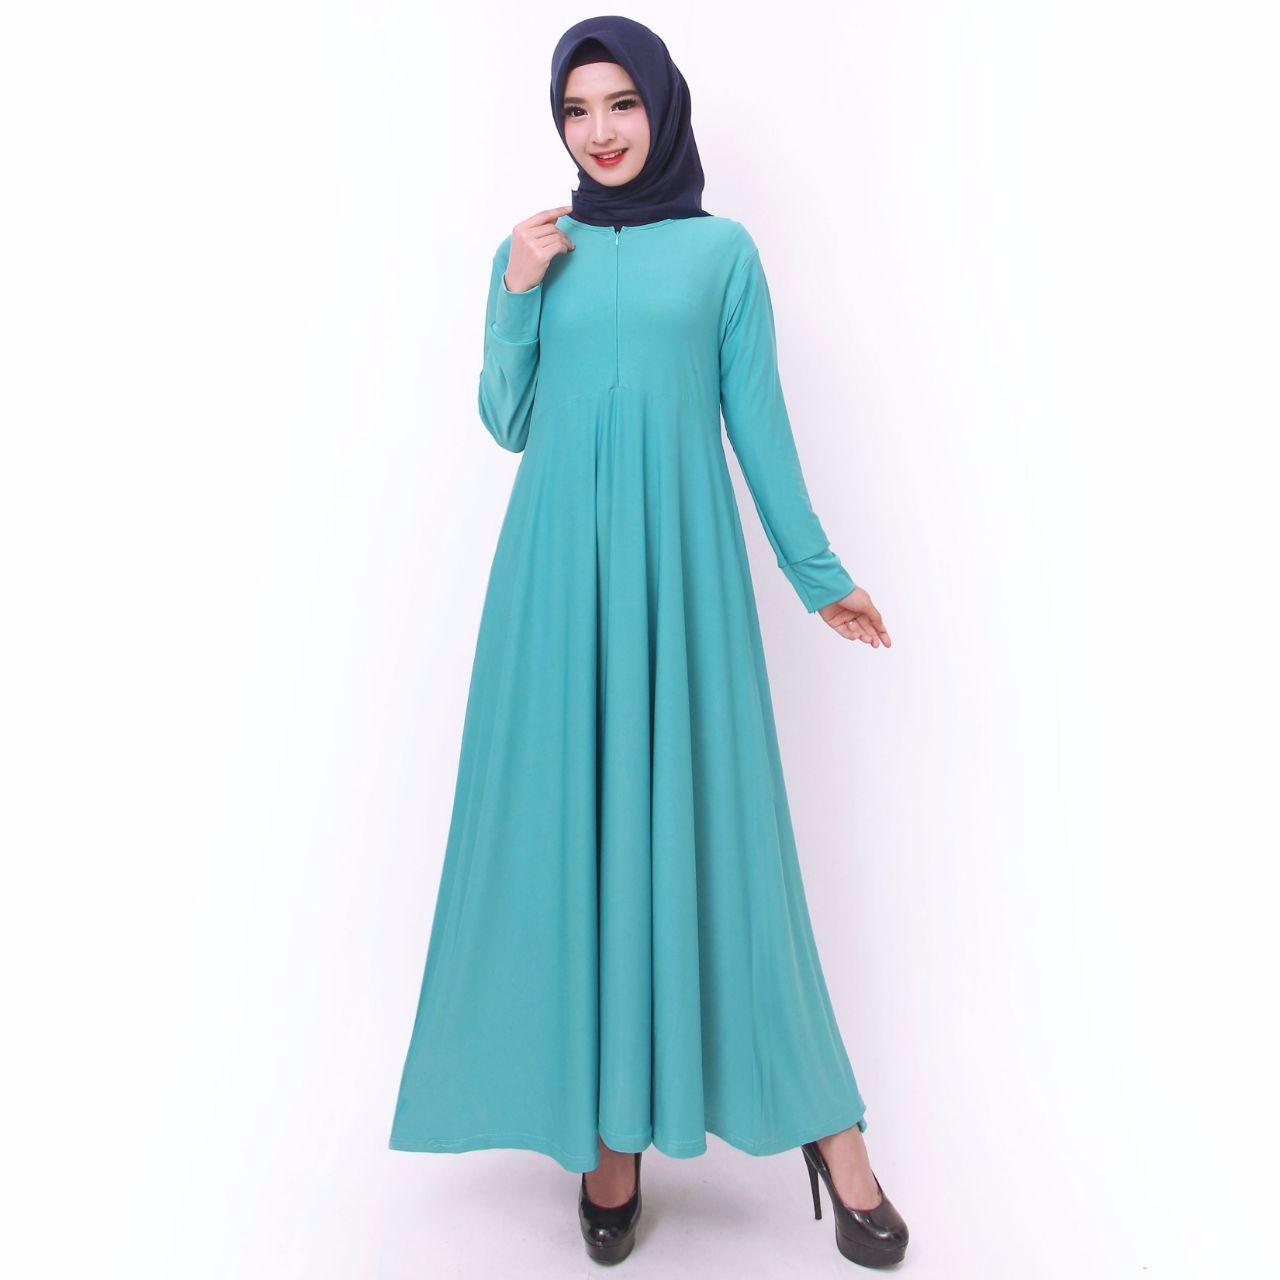 DnD - PROMO GAMIS MURAH Baju Gamis Gamis wanita Baju Muslimah Dress  Muslimah Fashion Muslimah Gamis dff9da6593